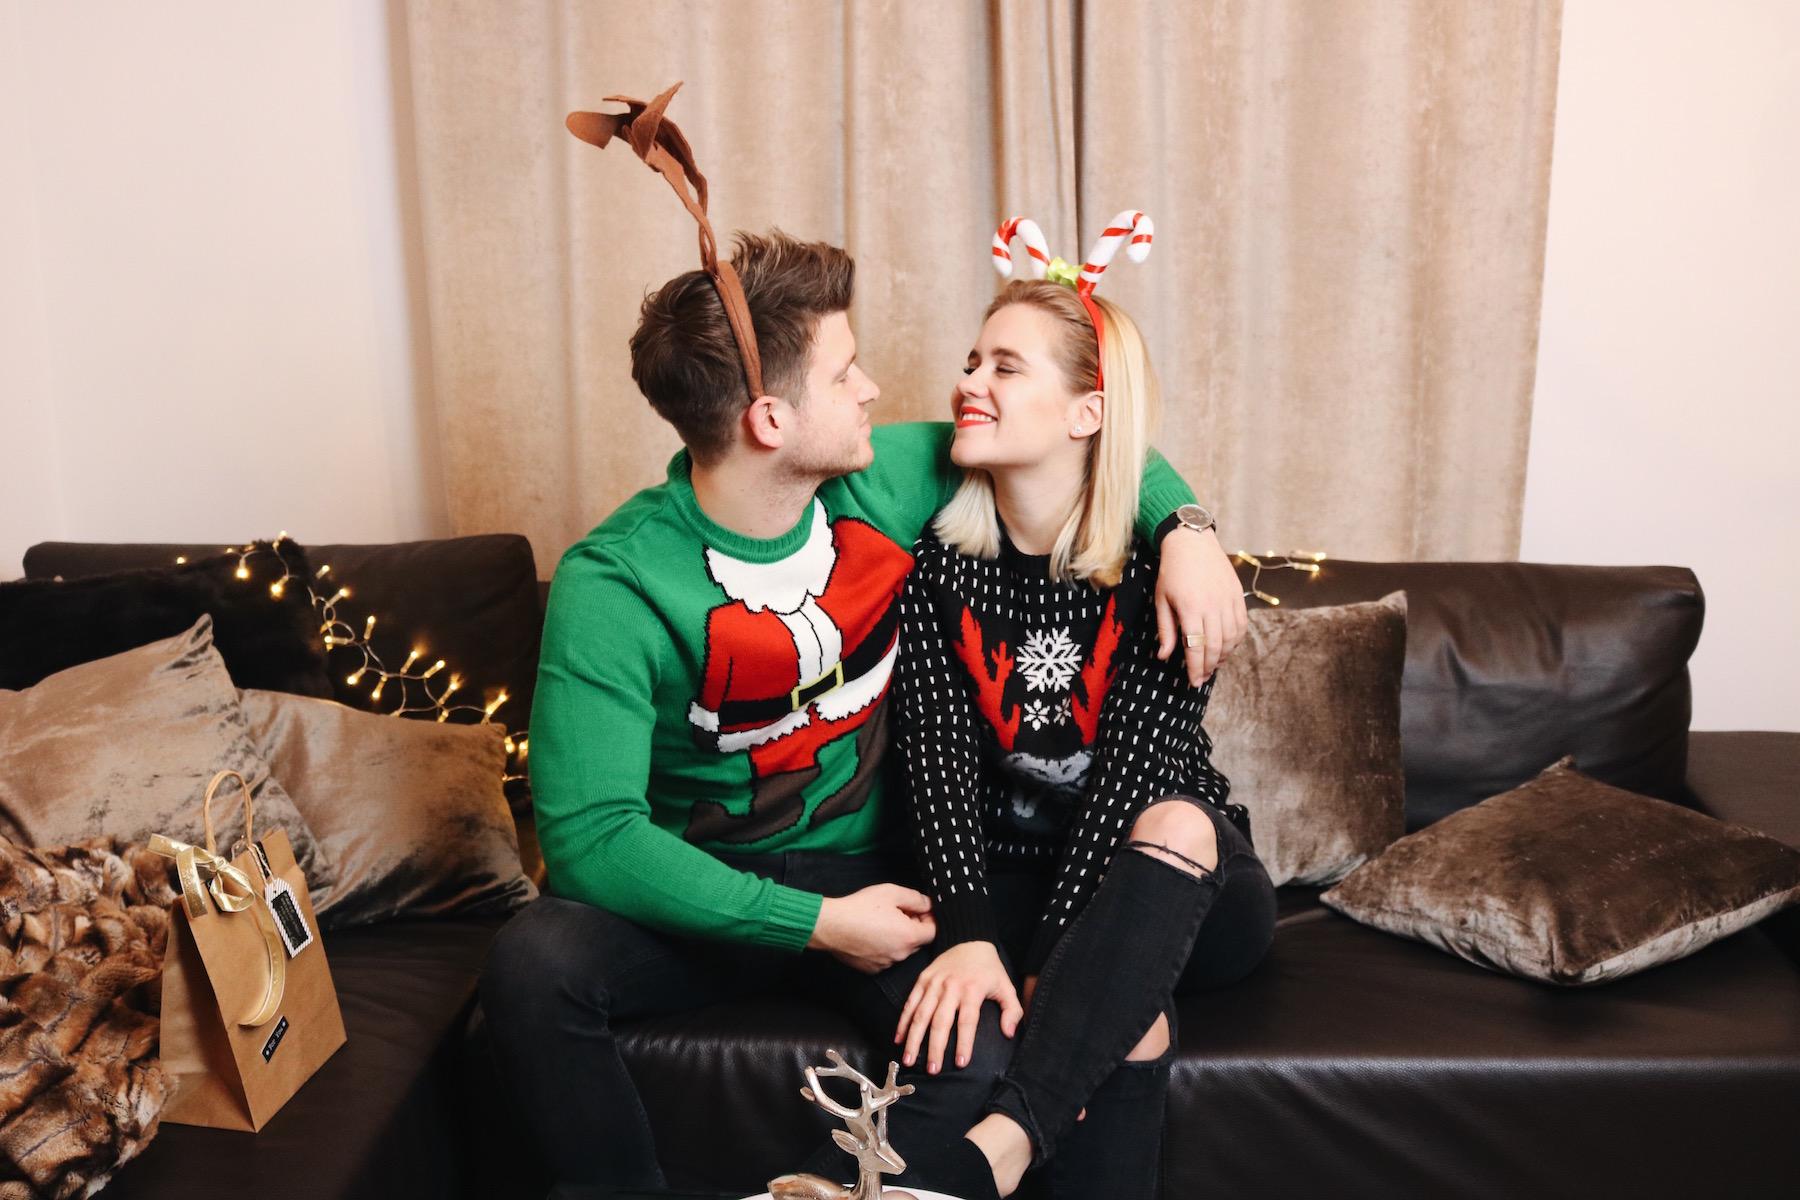 Weihnachtsgeschenke für den Partner finden_Freude Schenken mit dm_dm online shop_Meanwhile in Awesometown_Männerblog_Maleblogger_Modeblogger_Lifestyleblogger9